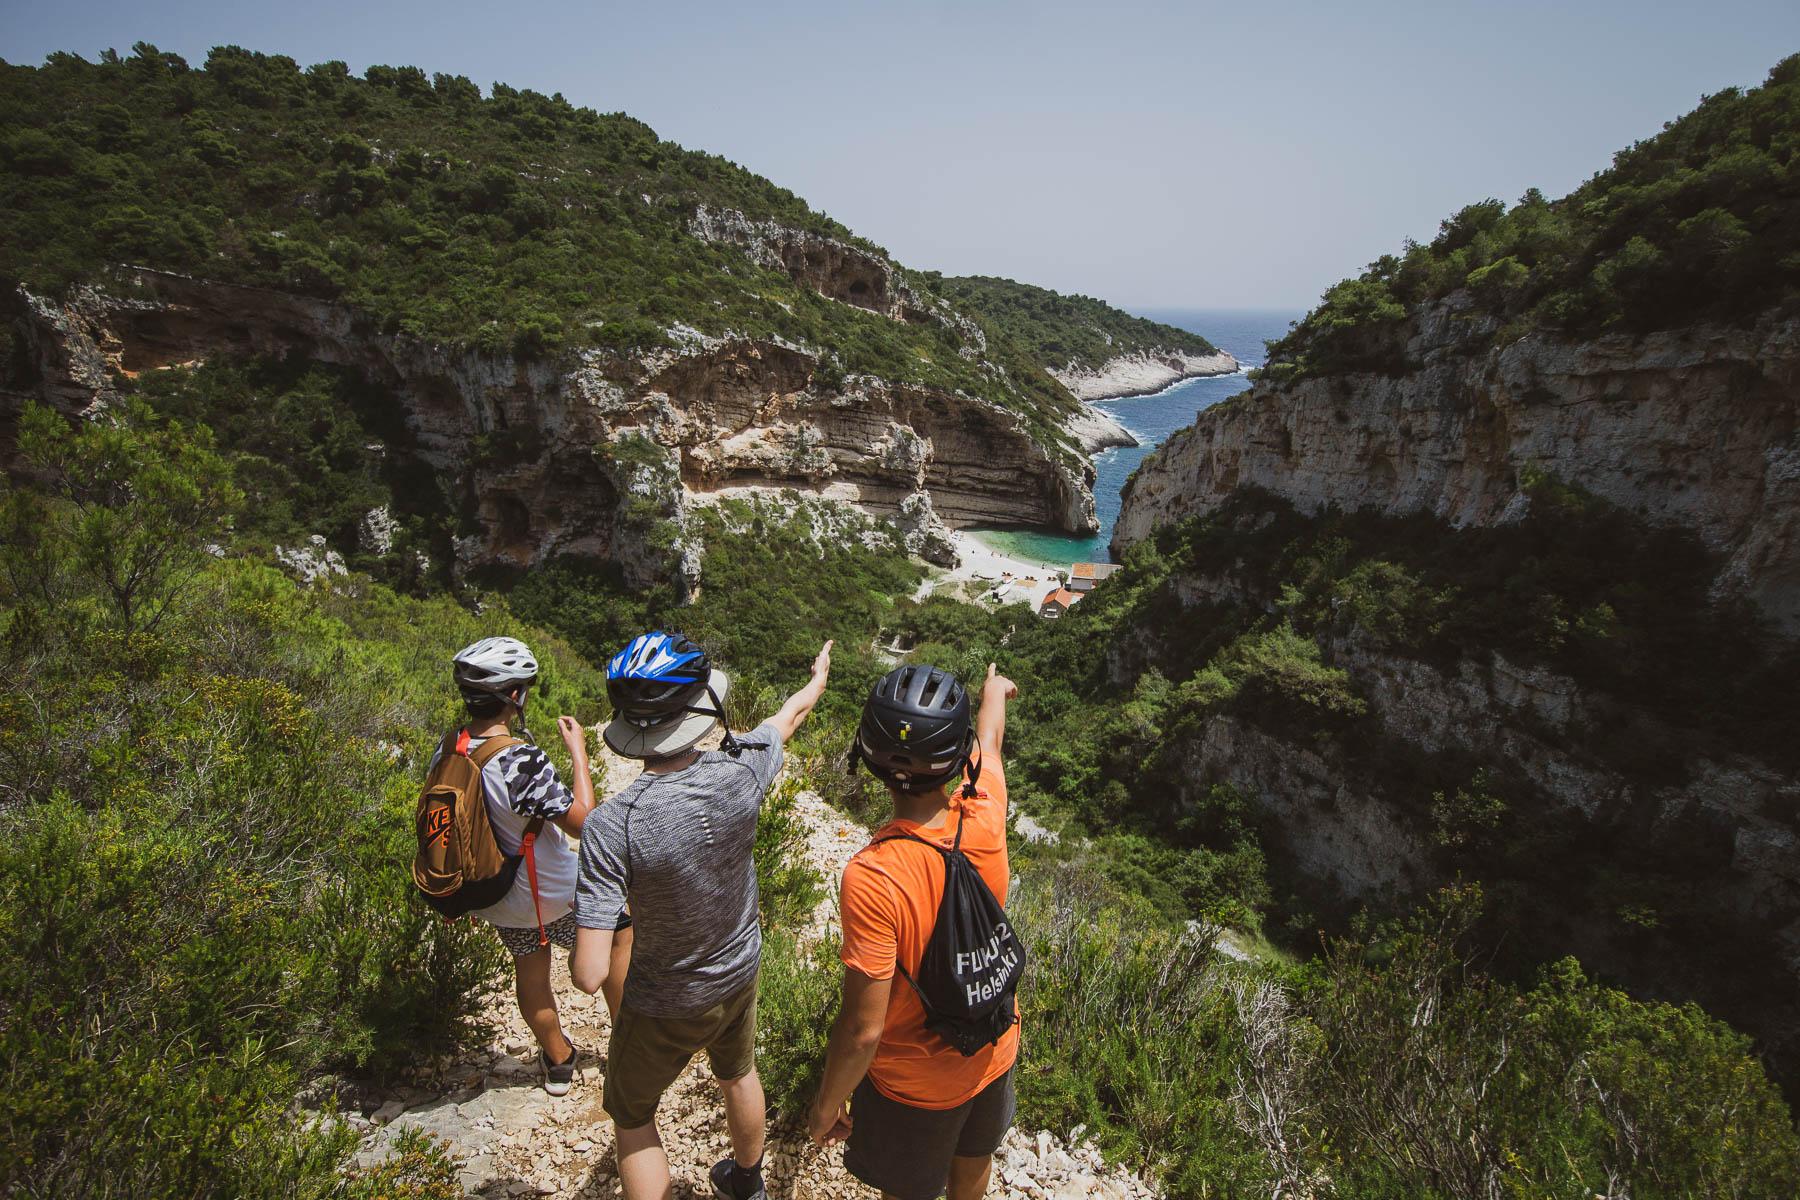 Croatian school activity trip